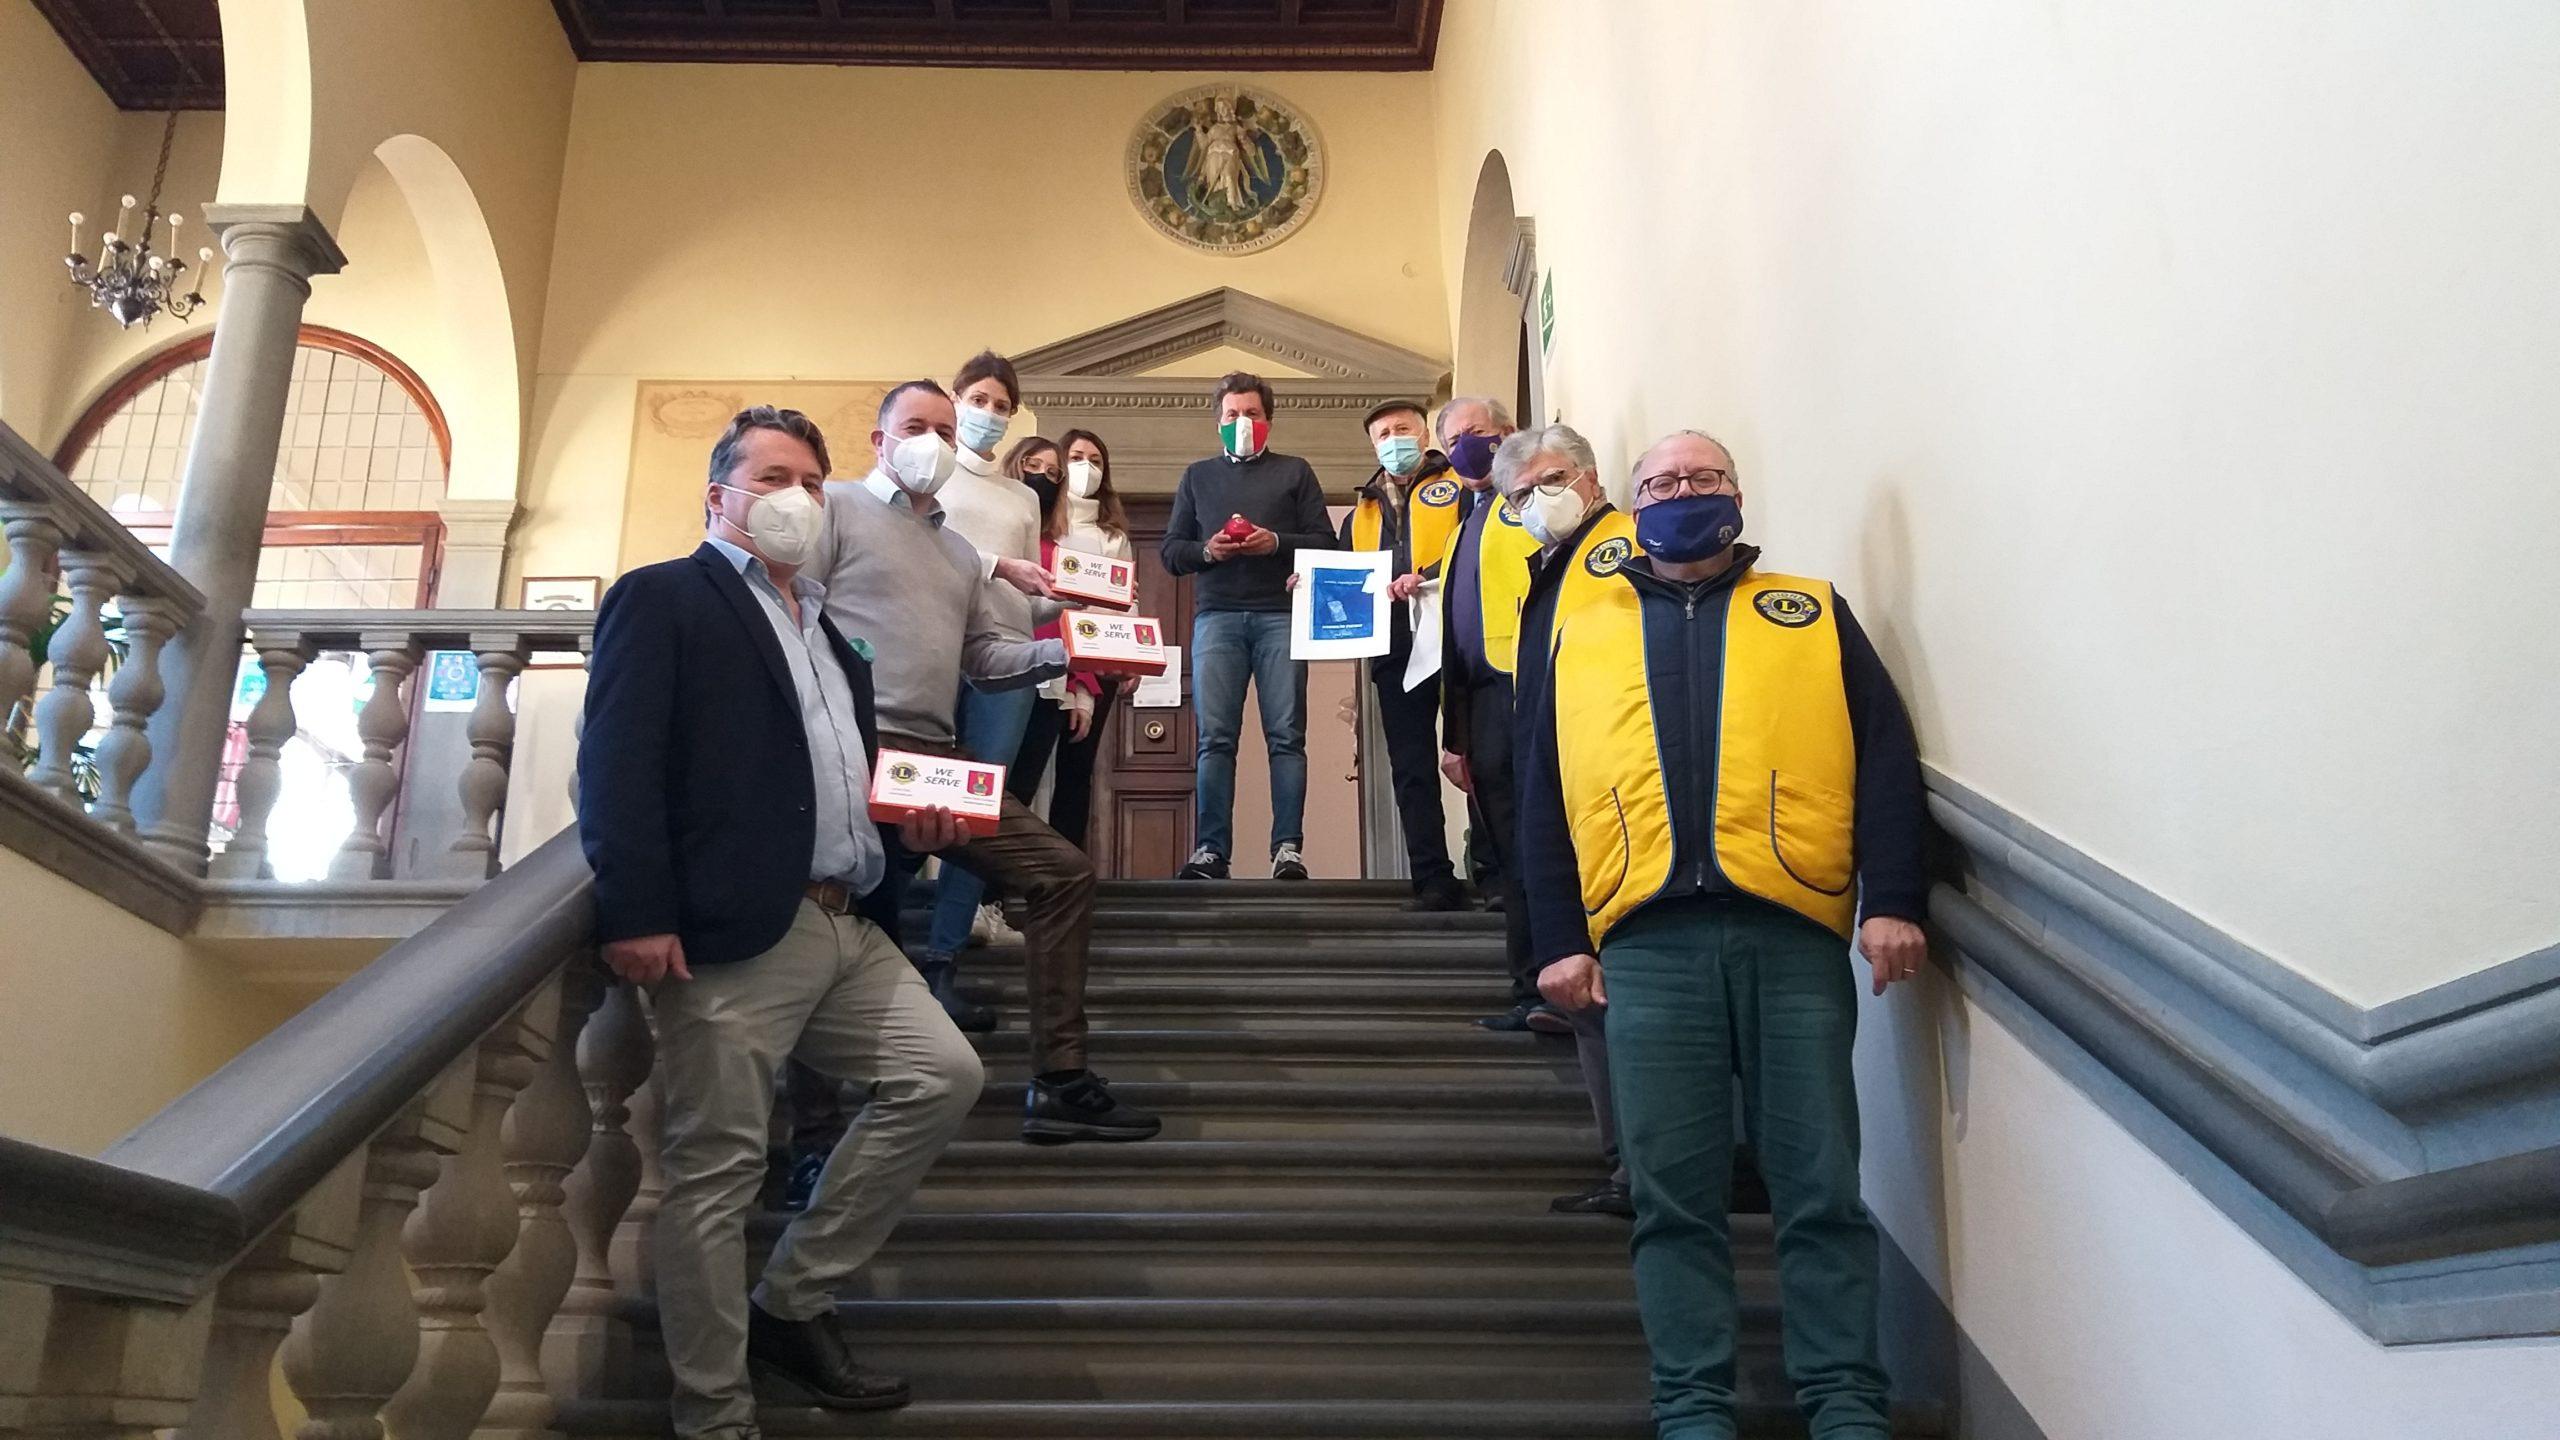 Il Lions Club Cortona Valdichiana Host dona 3 tablet per chi si trova in difficoltà nella didattica a distanza